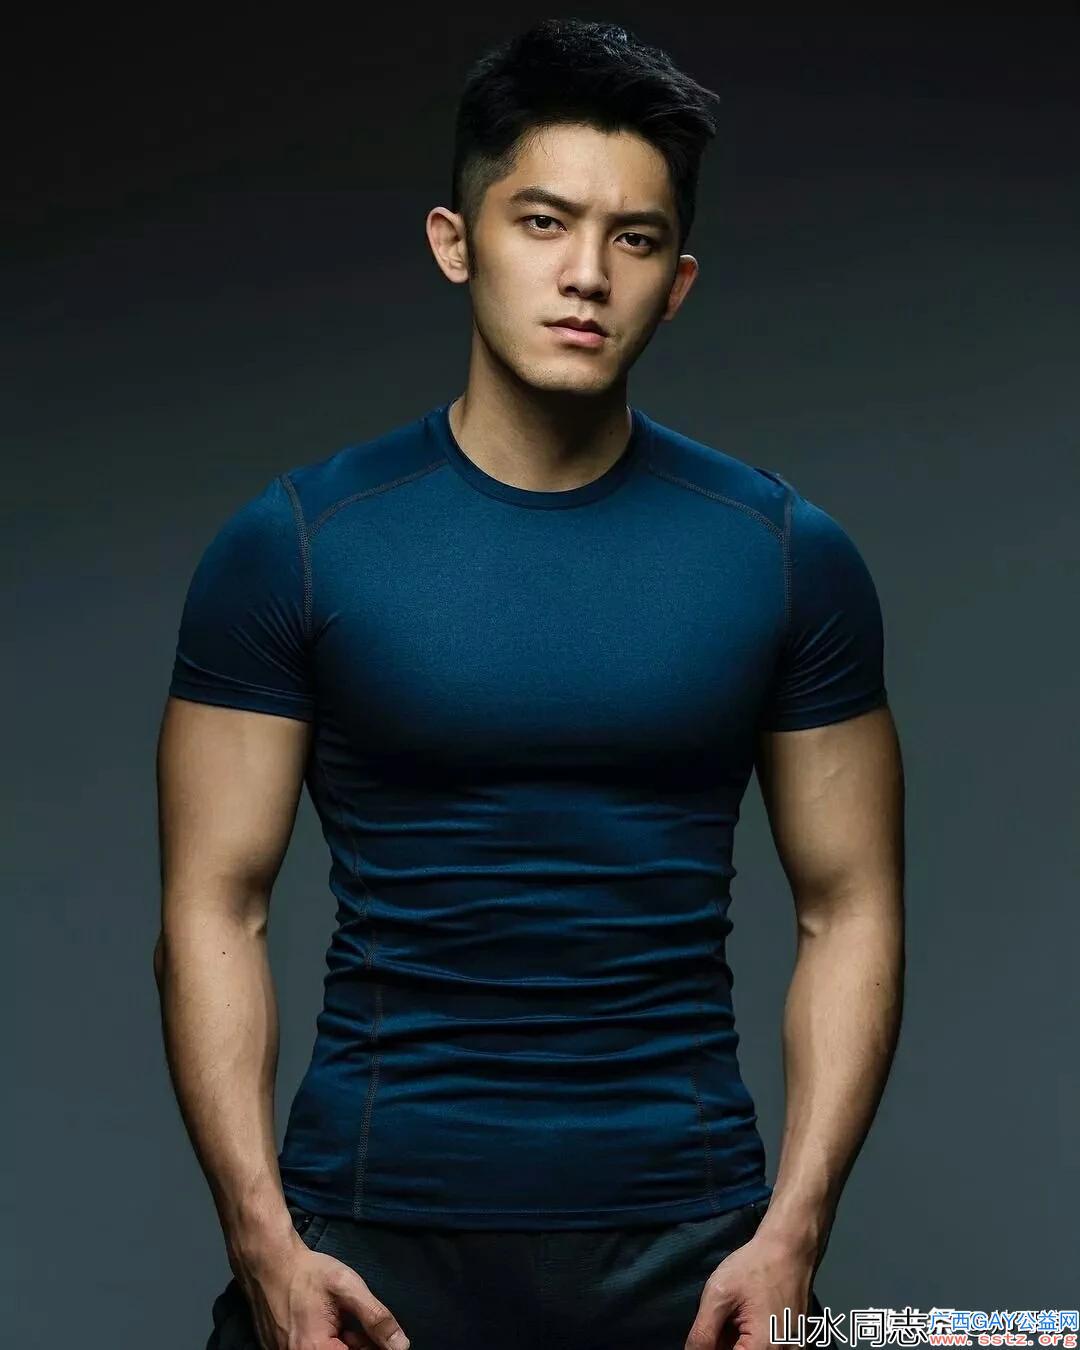 每日精选:来自台湾的帅哥健身教练林冠宇,体毛旺盛